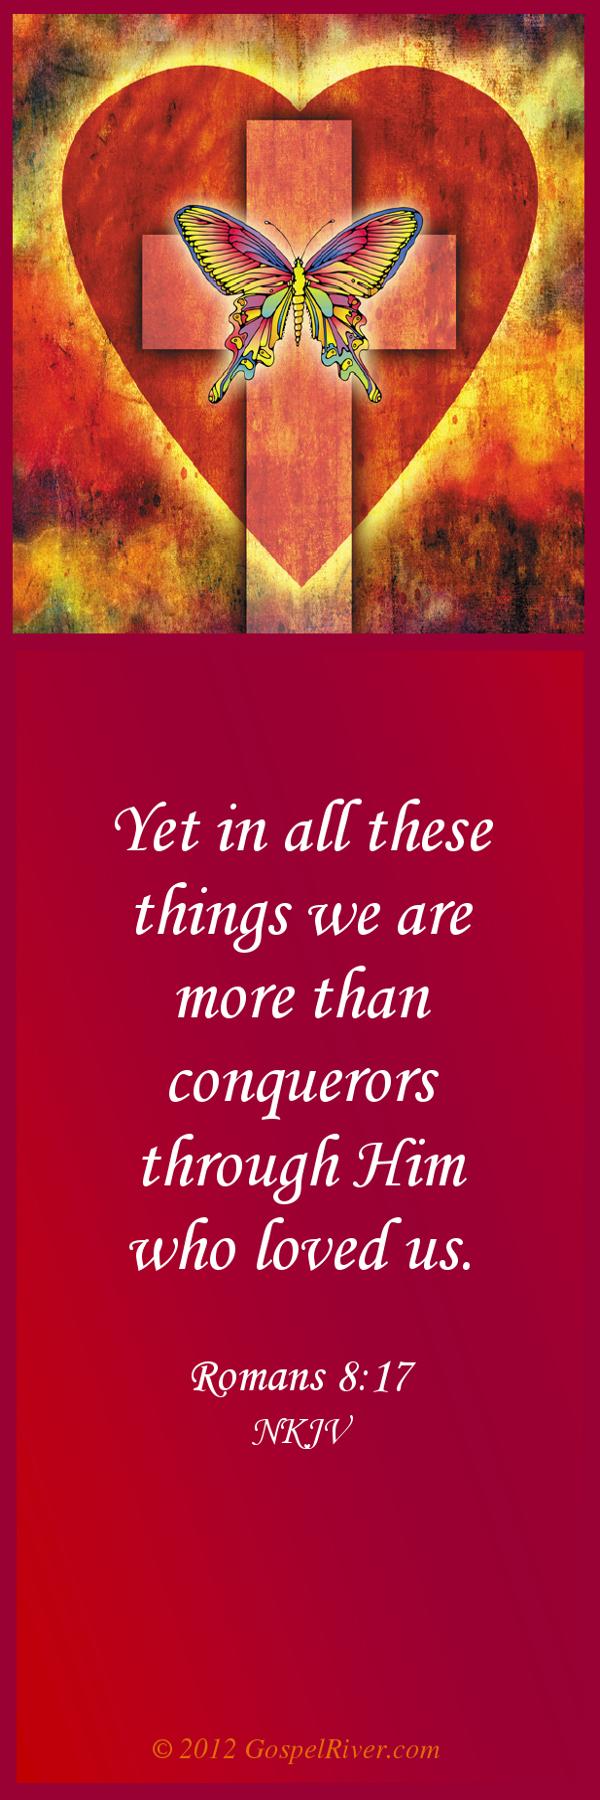 GospelRiver Christian Gallery | English | Romans 8:37 NKJV